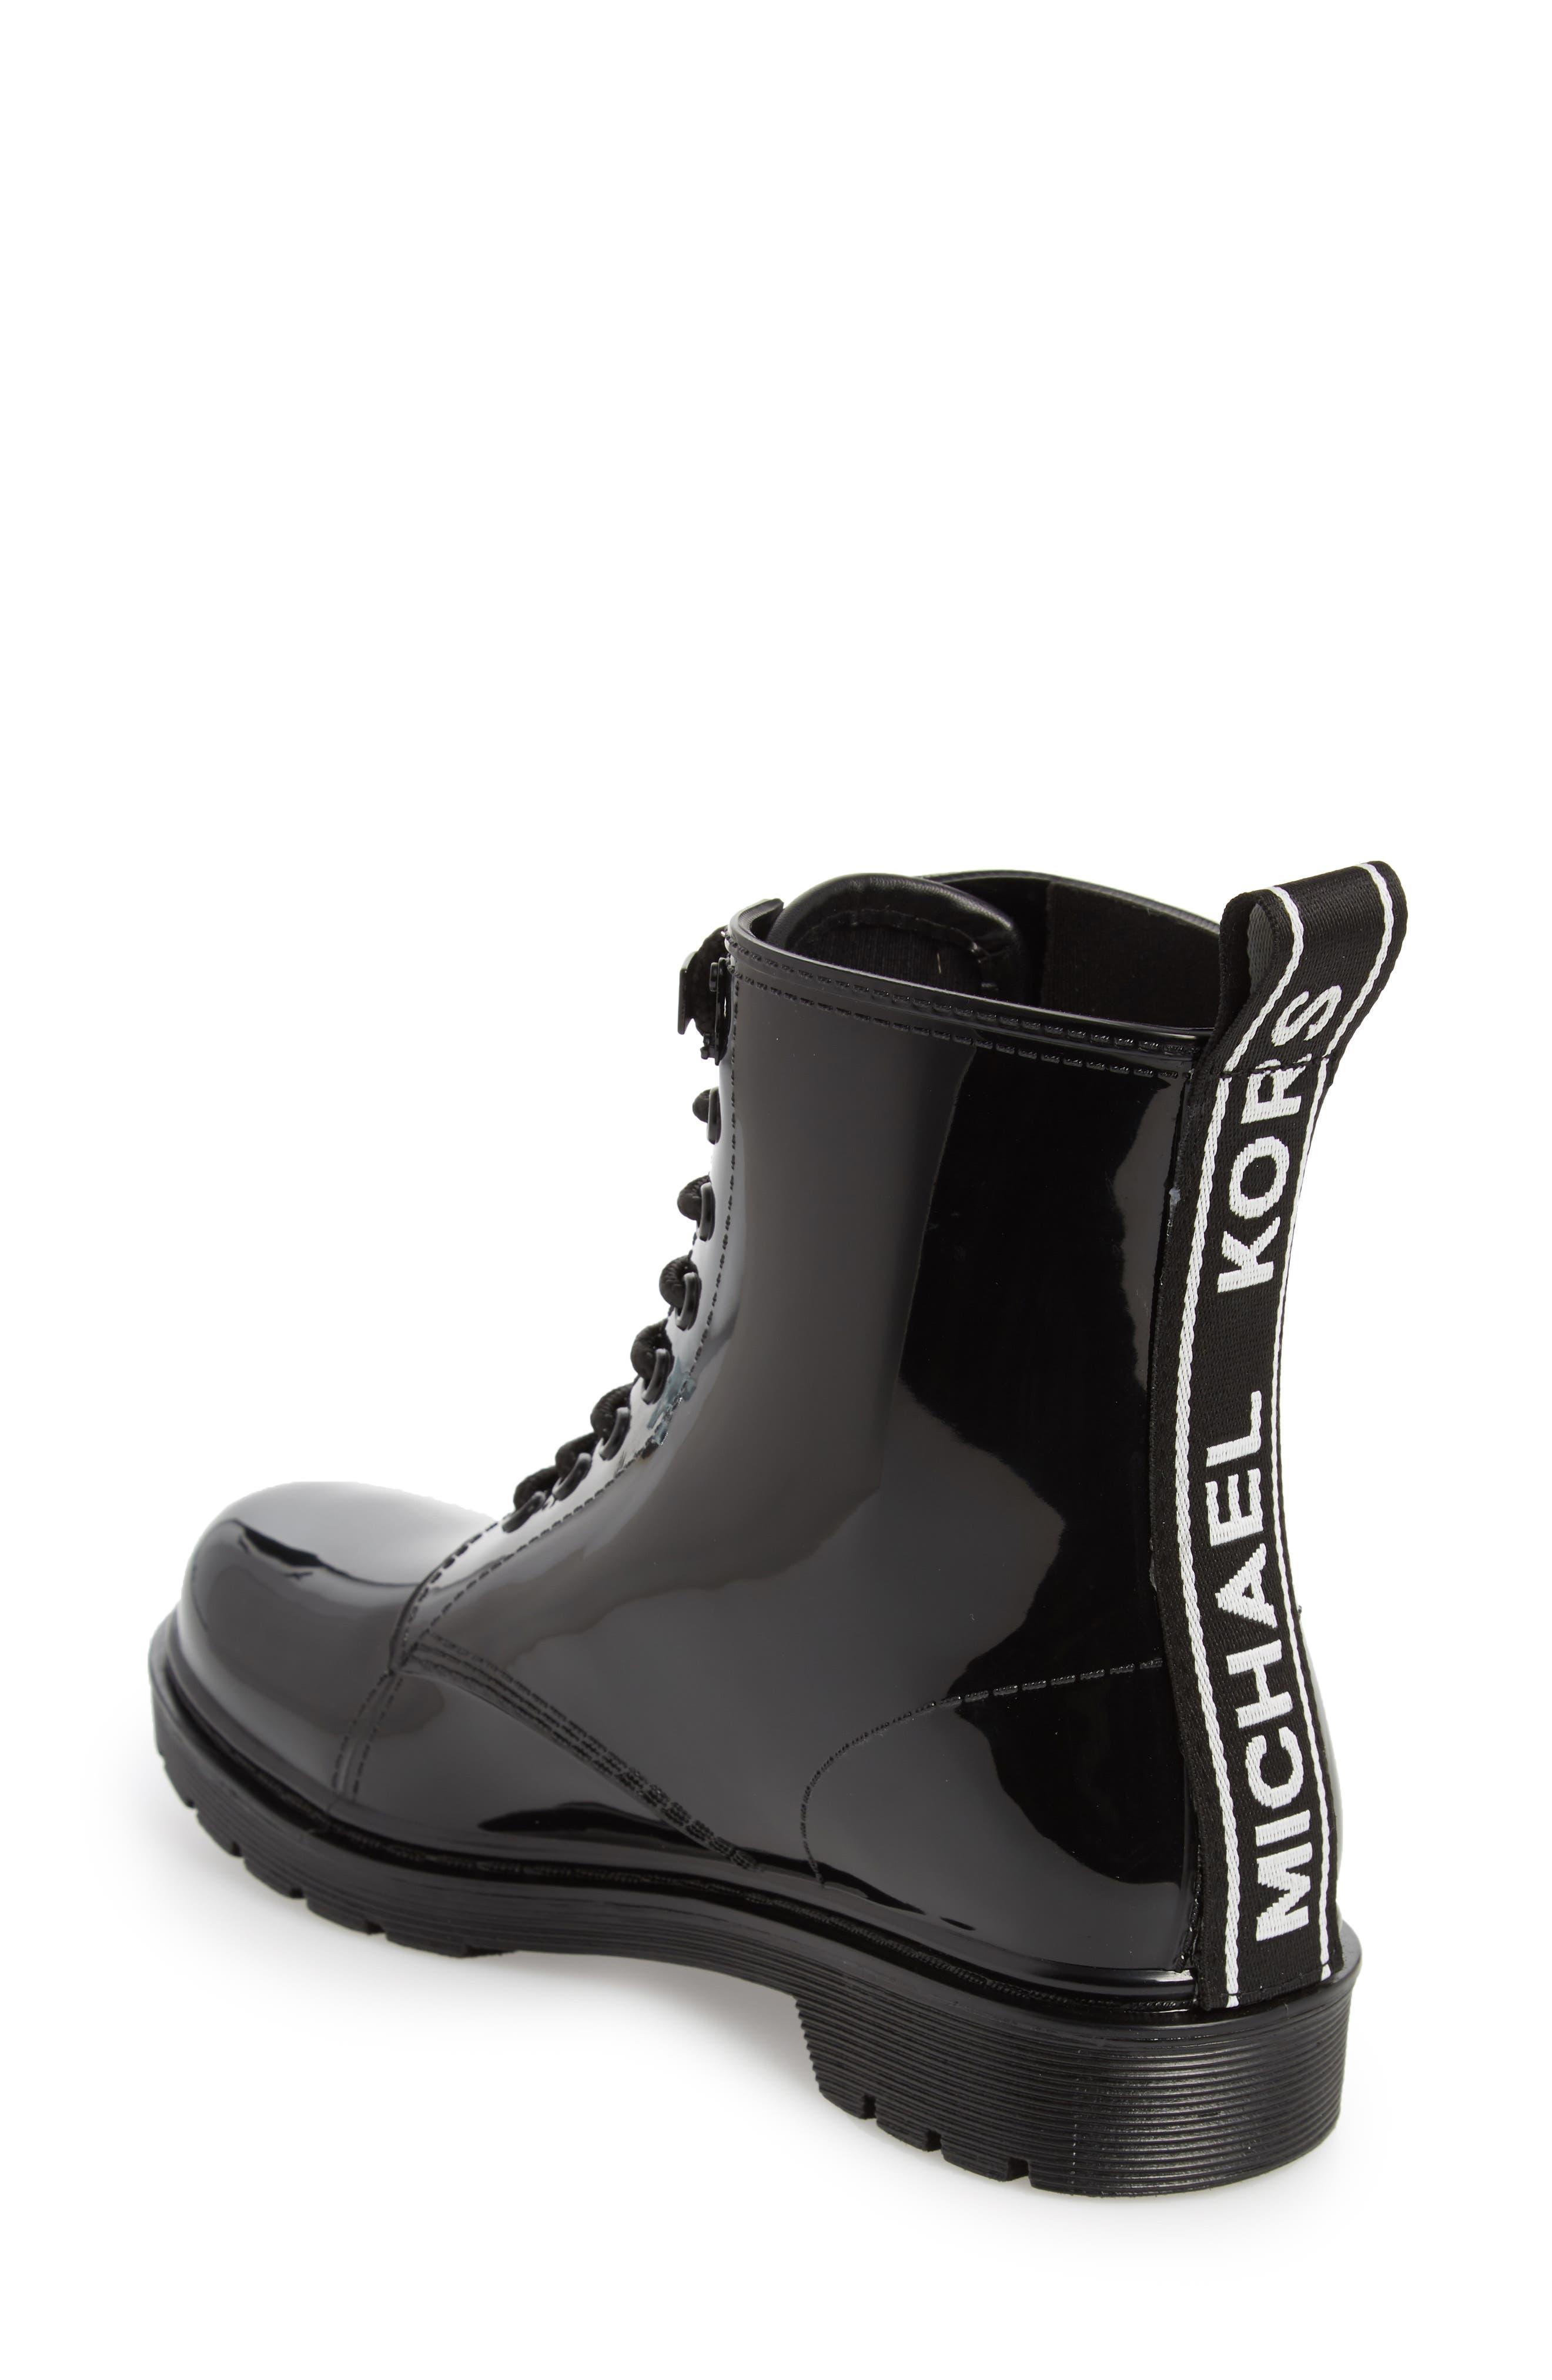 26a42d0723644 Women s MICHAEL Michael Kors Boots